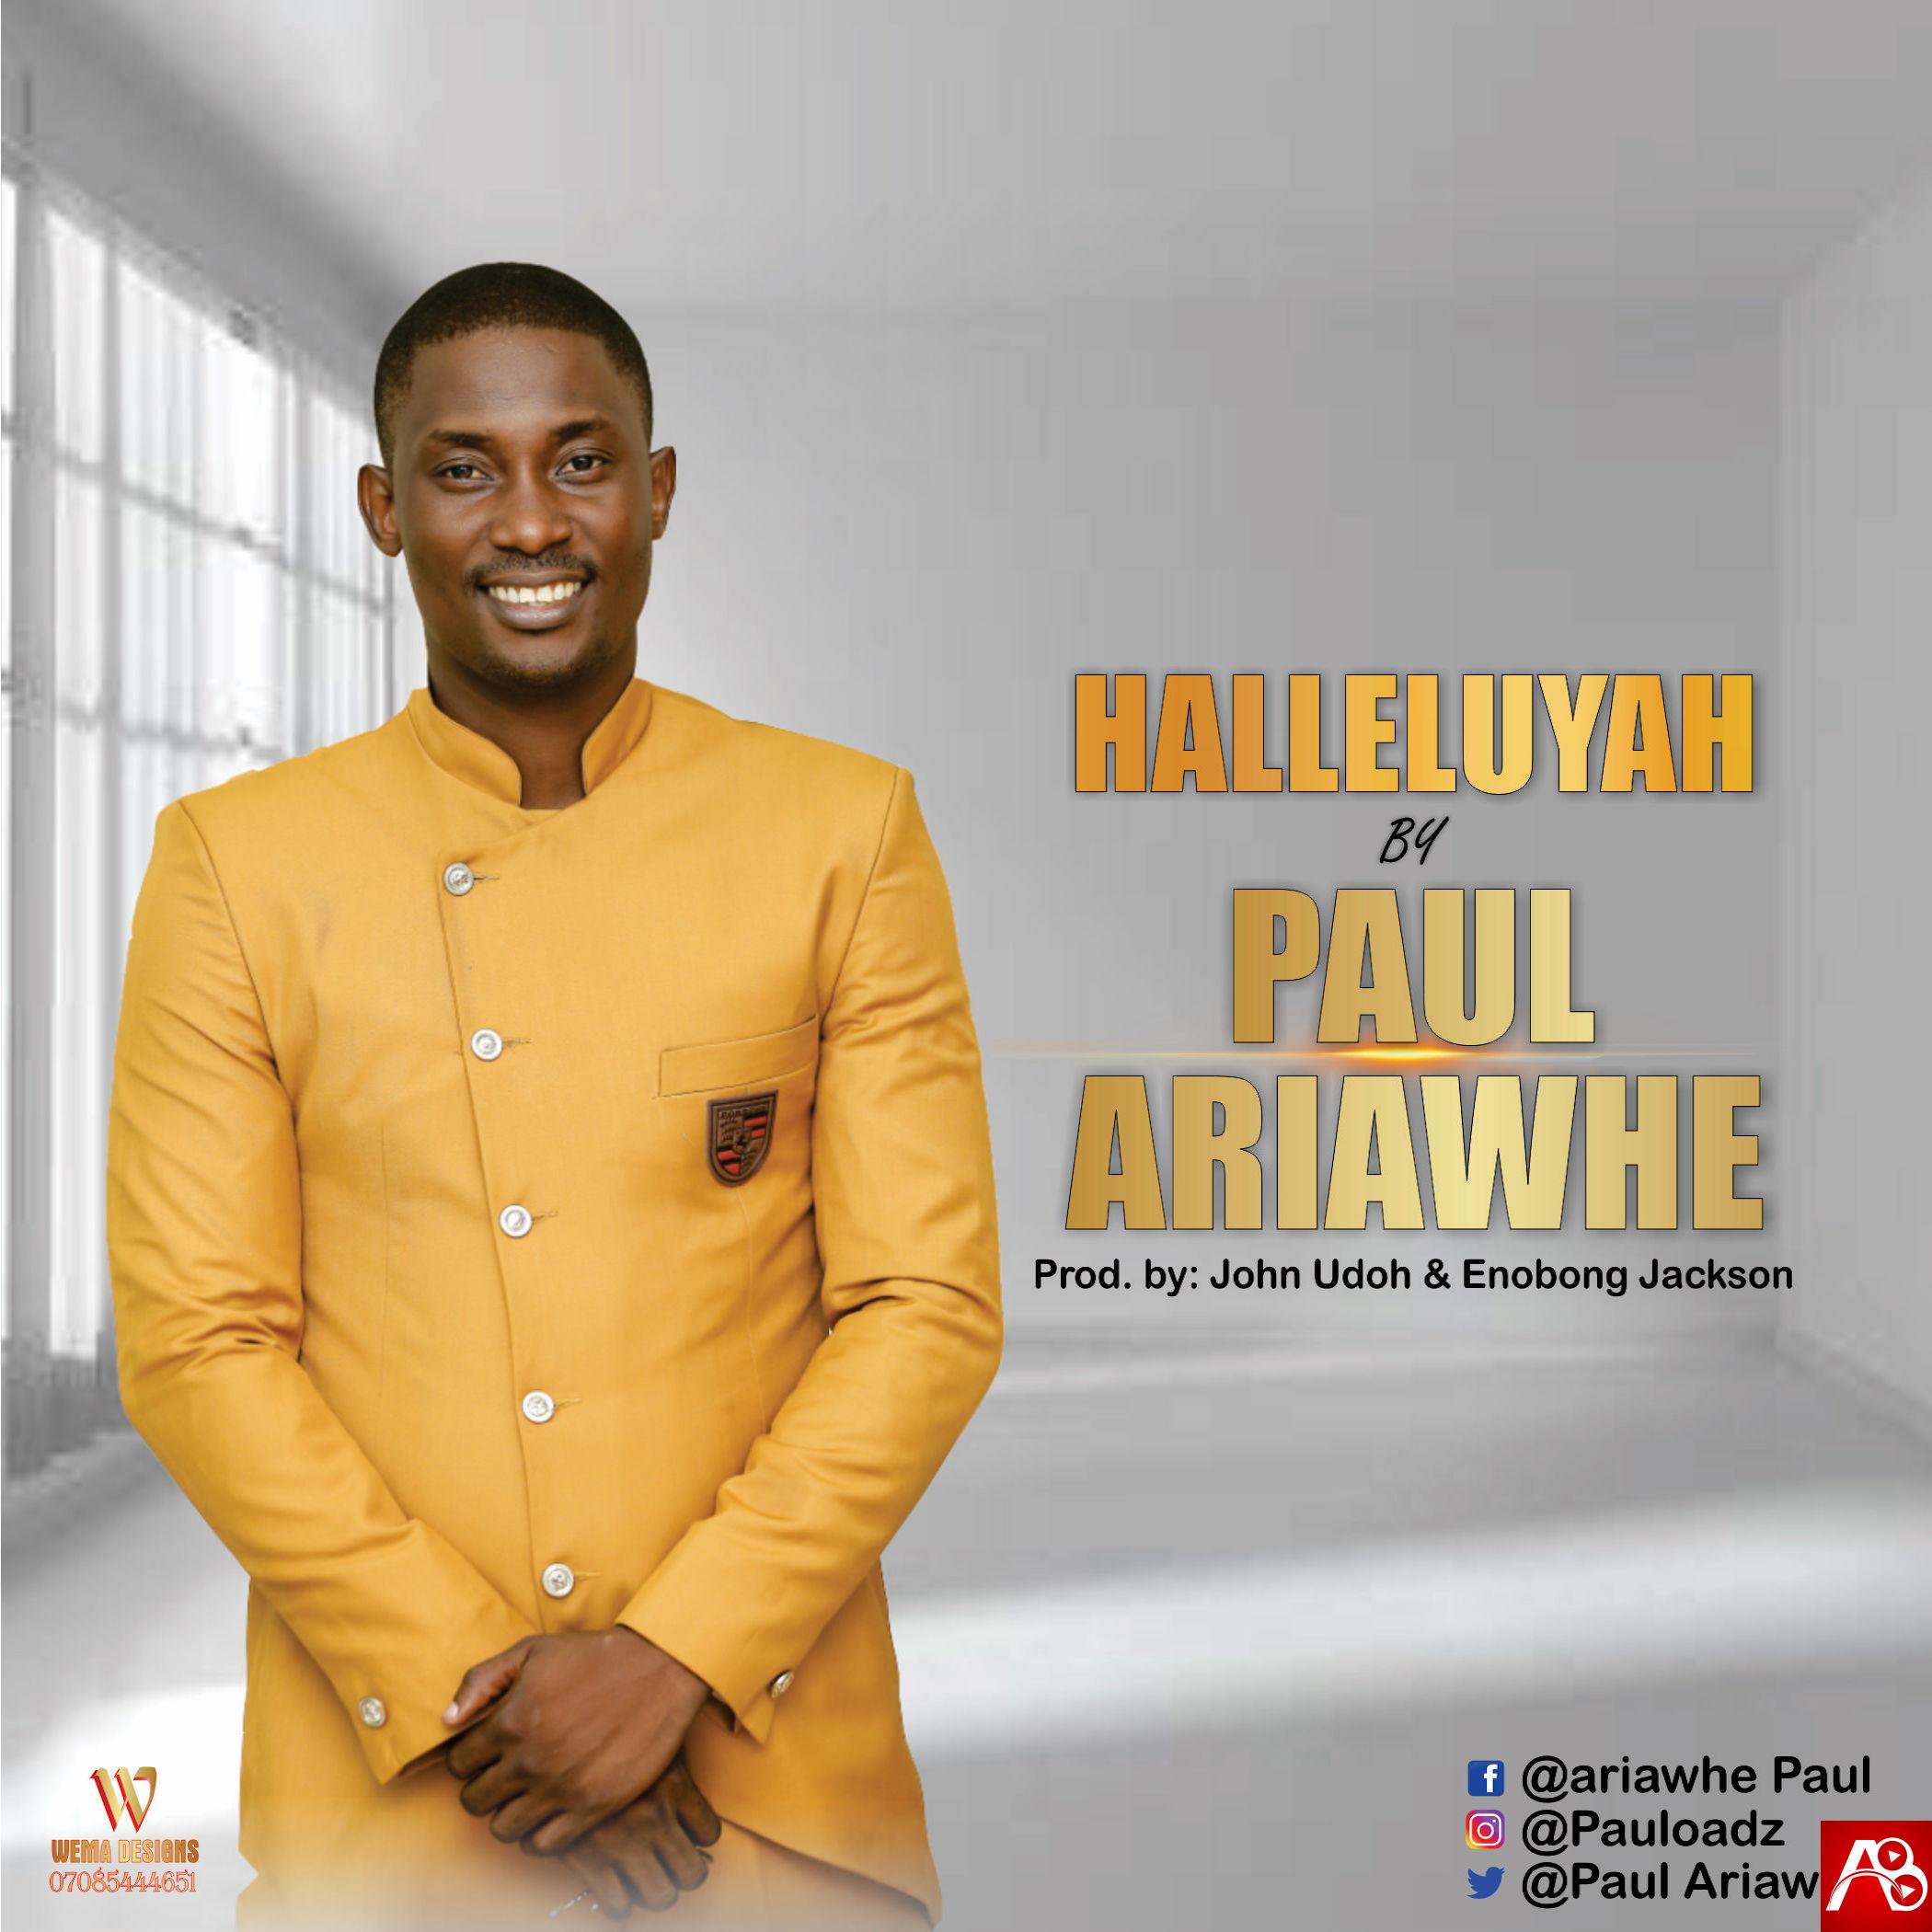 Paul Ariawh,Halleluyah , Paul Ariawhe Halleluyah ,Gospel Songs, Nigerian Gospel Music,